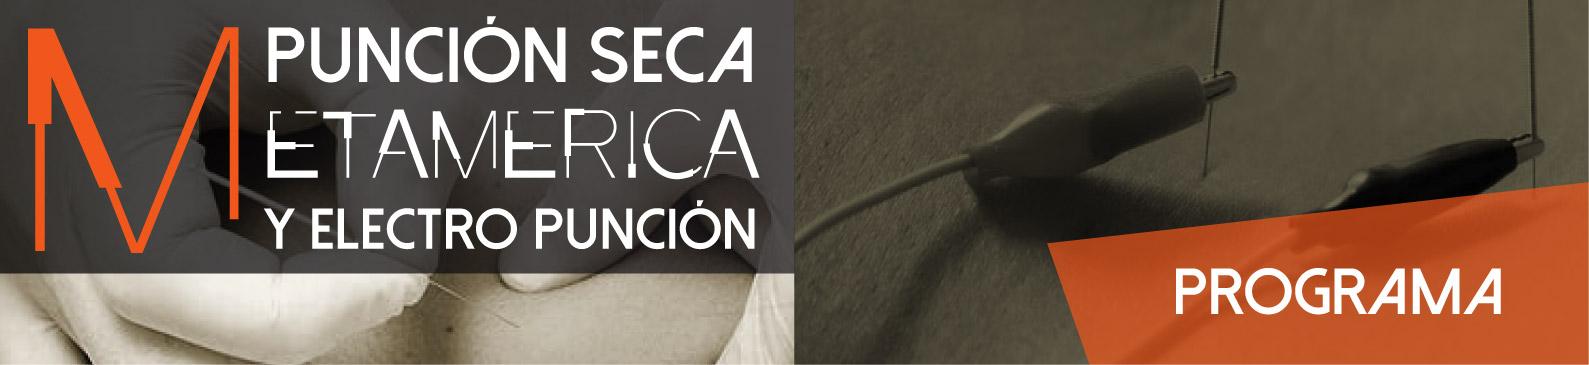 KineticXer Punción Seca - Medellín Abril 2018-032